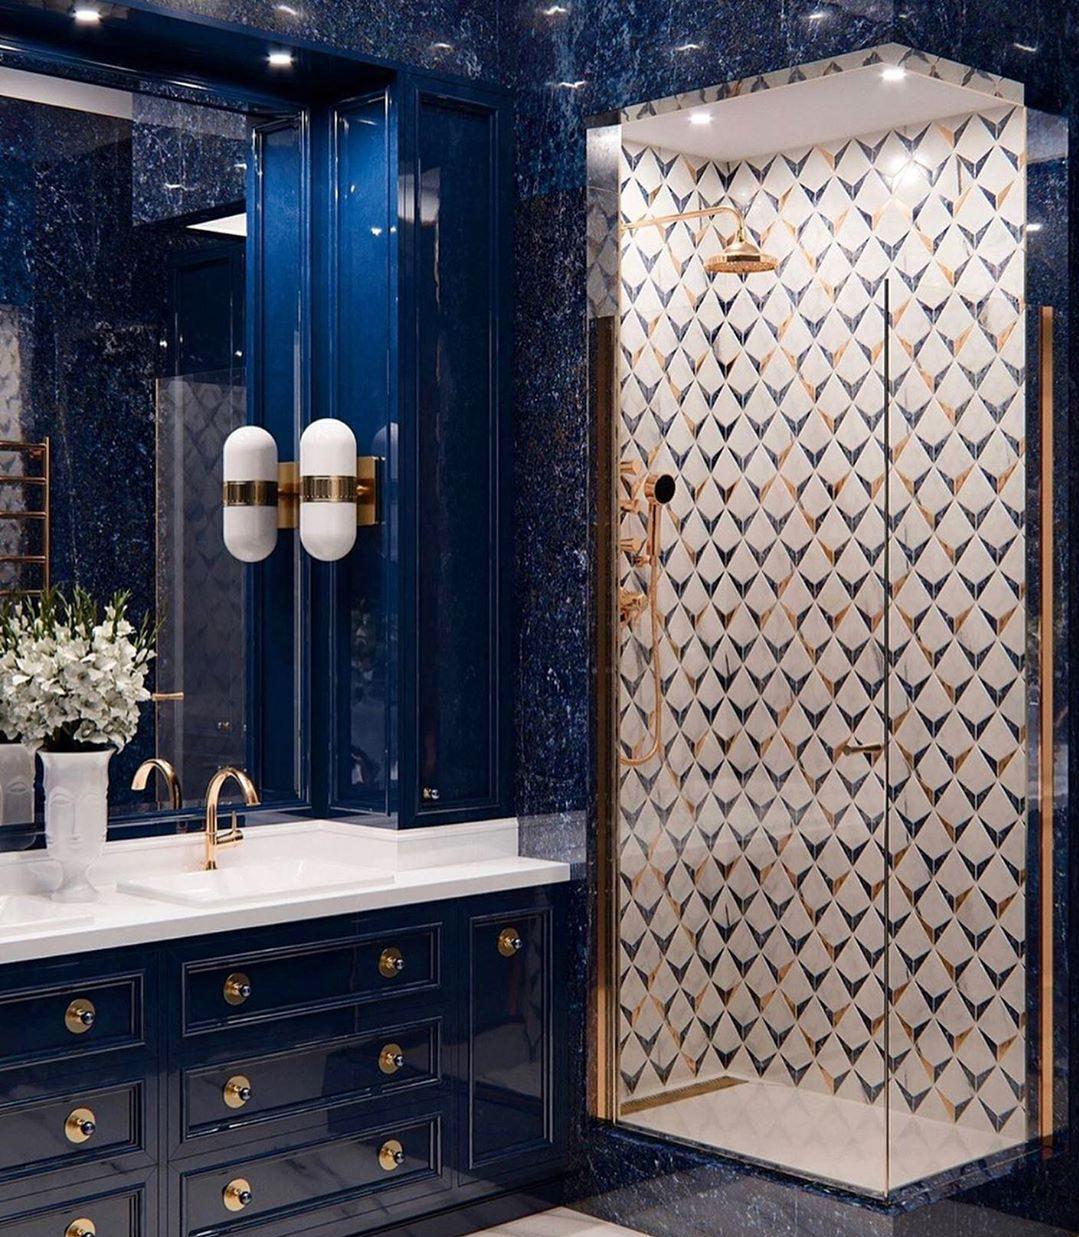 Luxurious Navy Bathroom